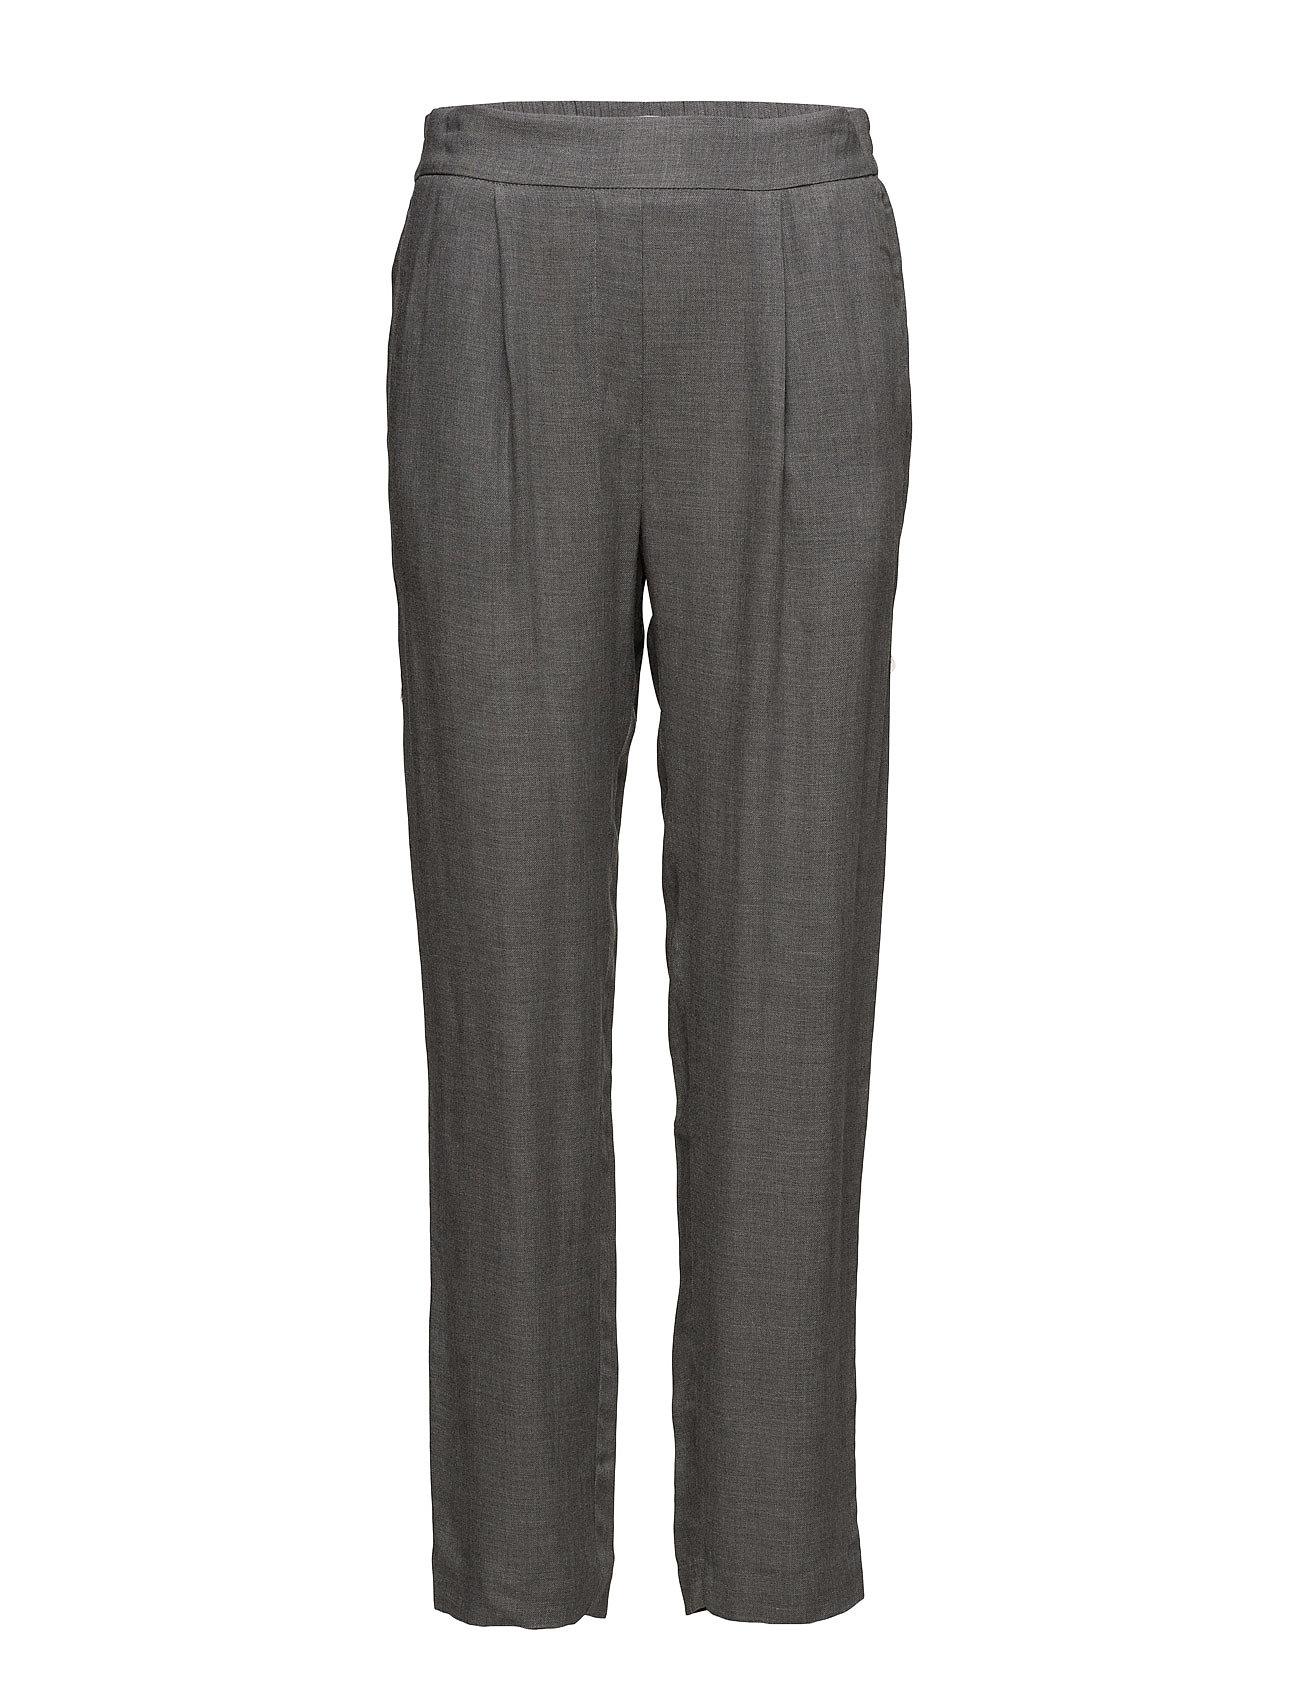 Pleat Detail Trousers Mango Bukser til Damer i Grå